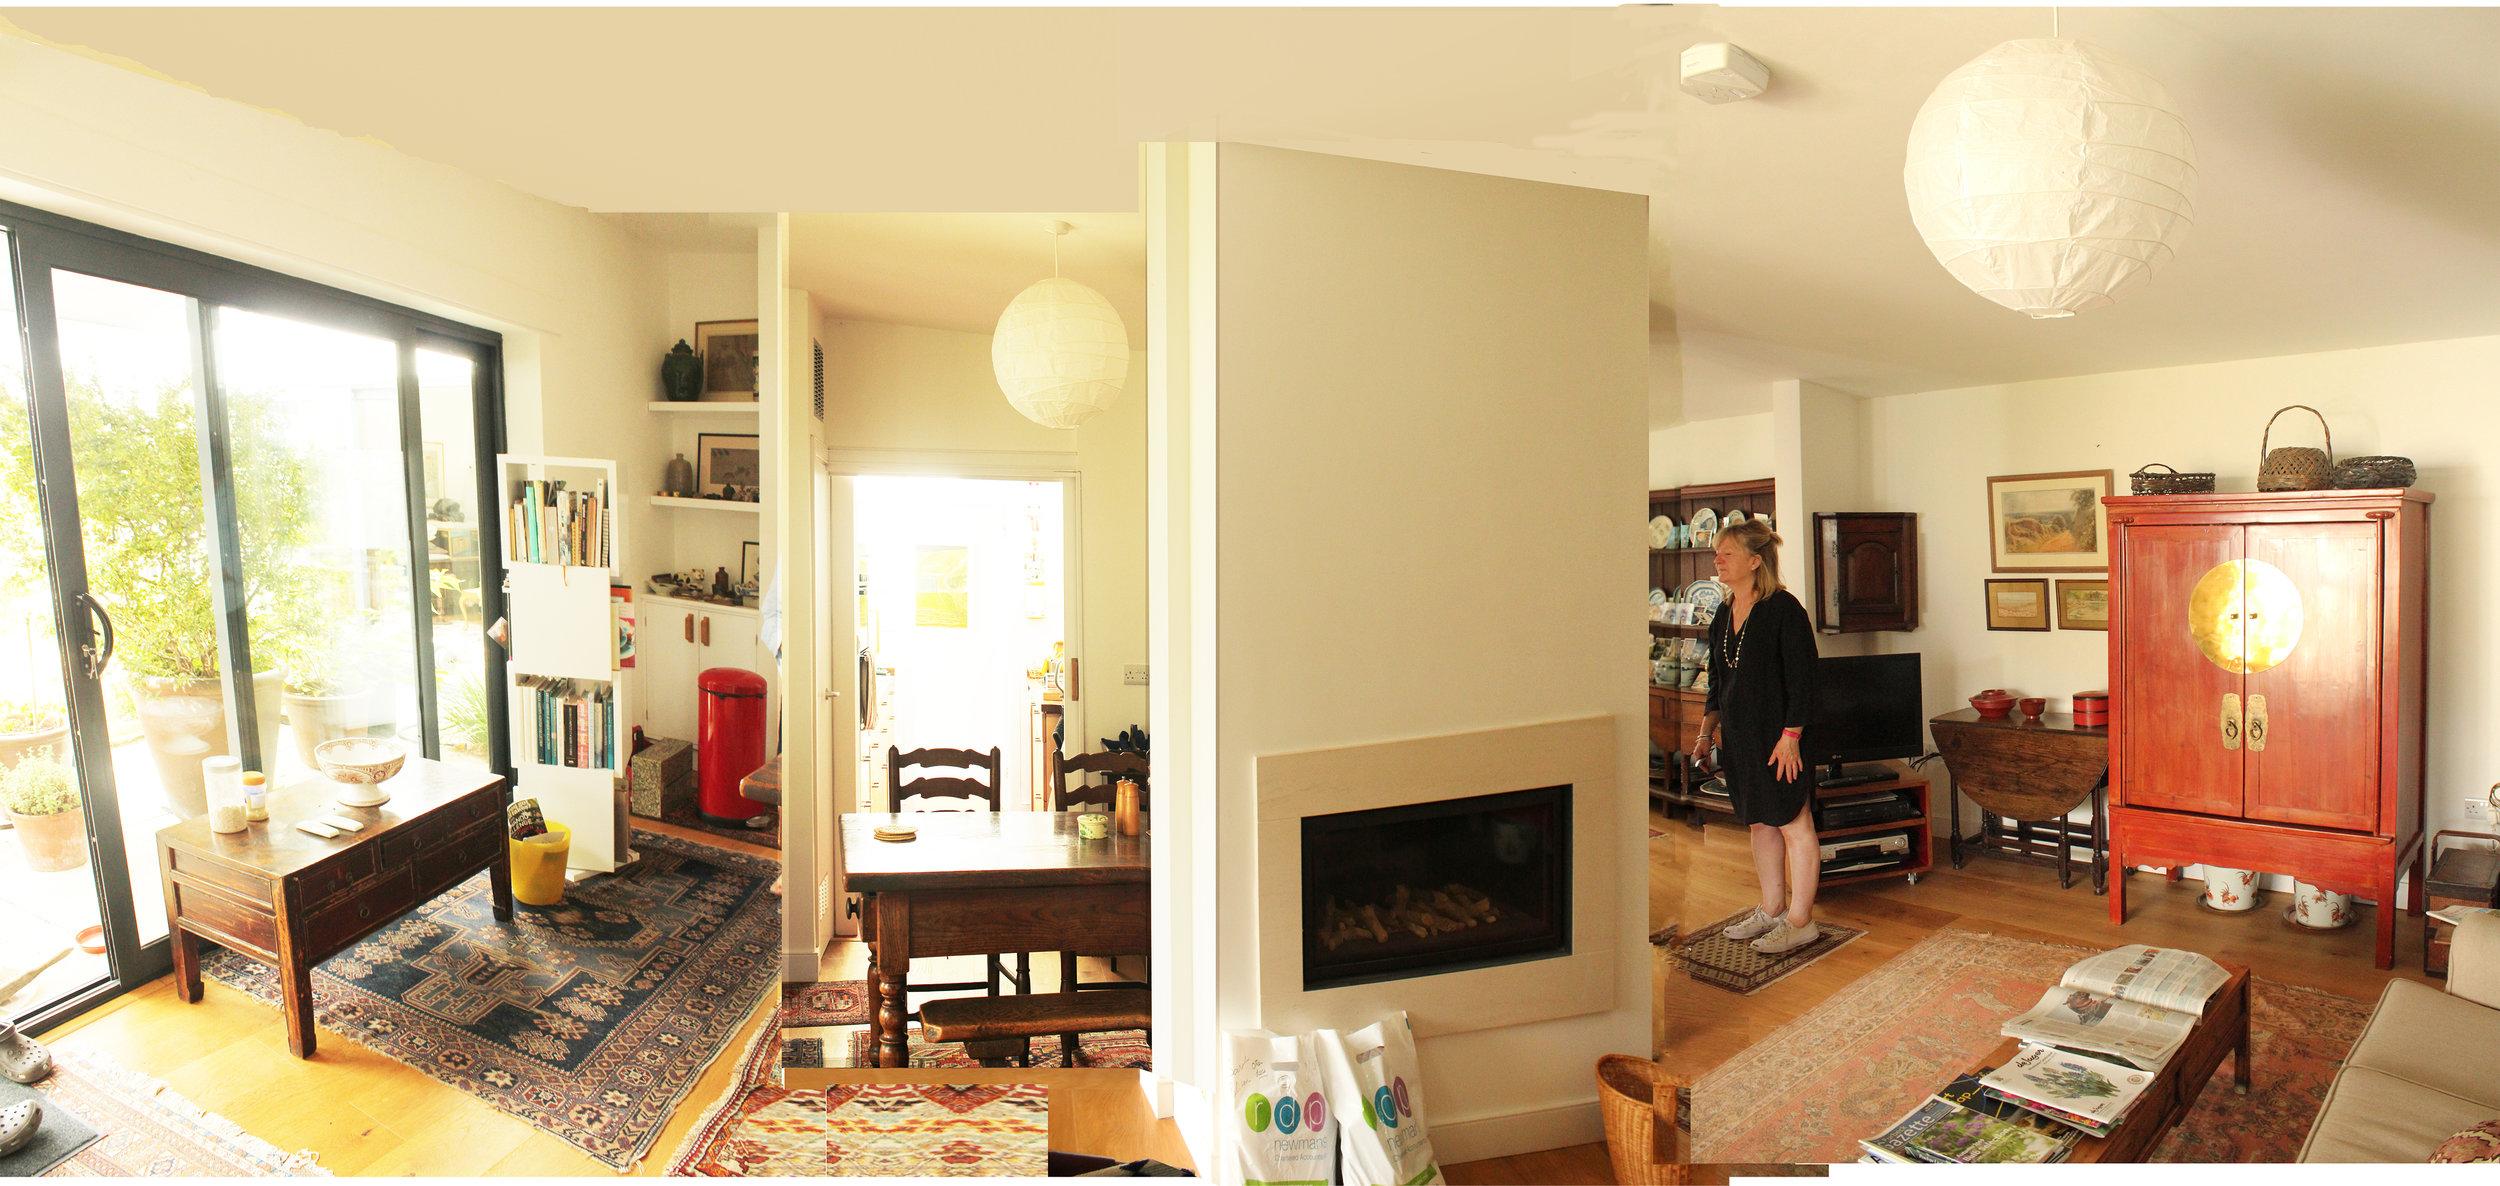 interior living room copy.jpg